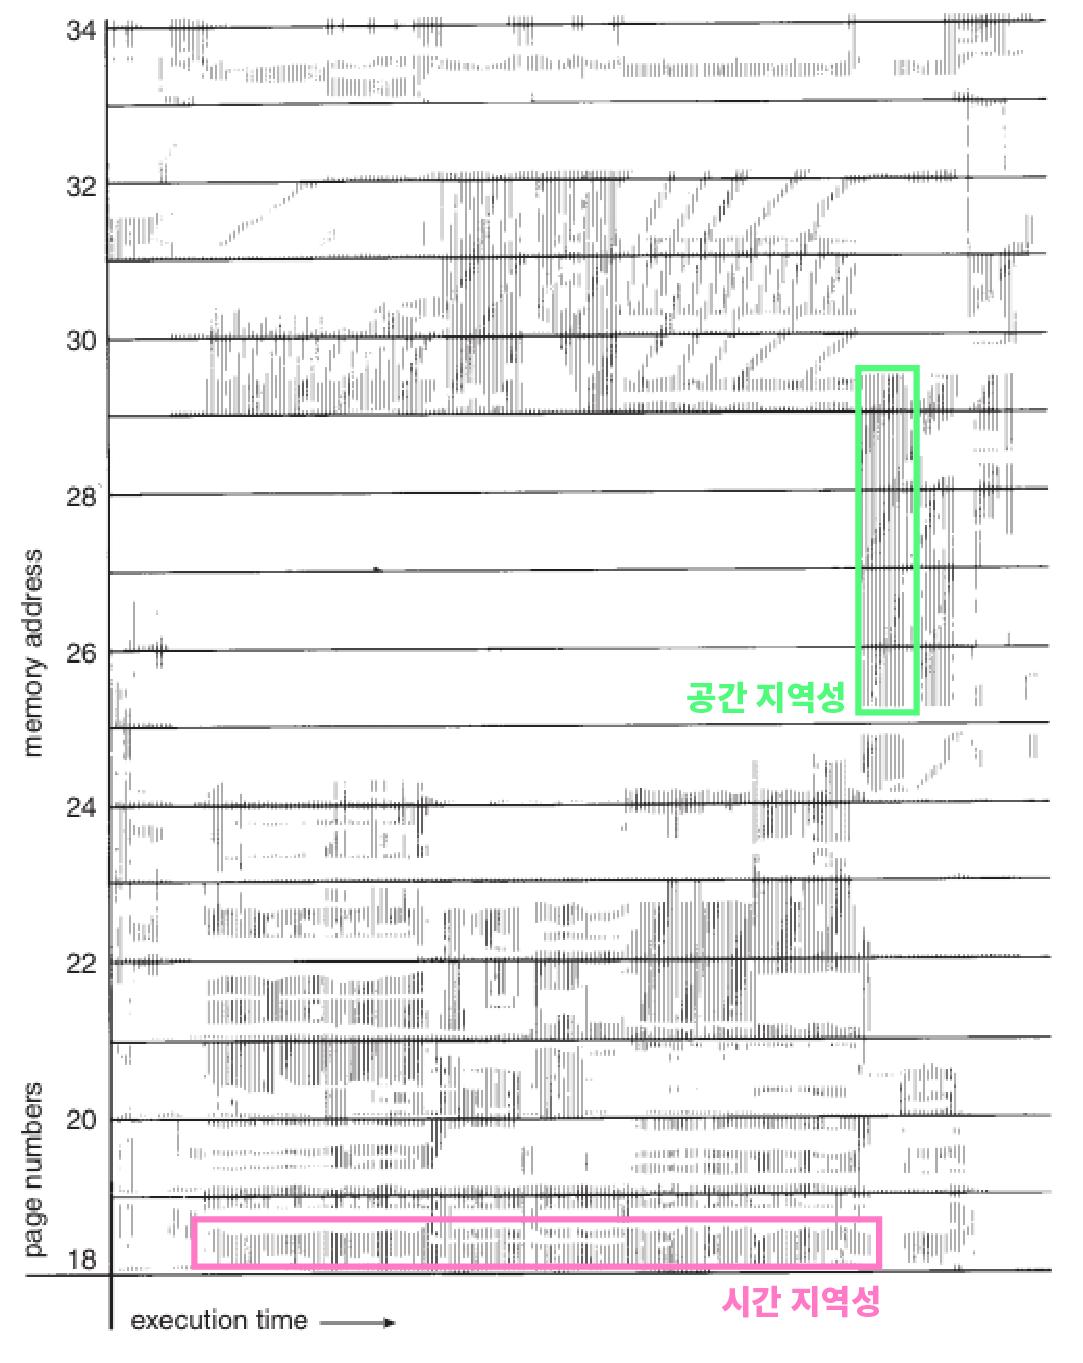 페이지 참조 기록. 수평축 실행 시간. 수직축 메모리 주소.